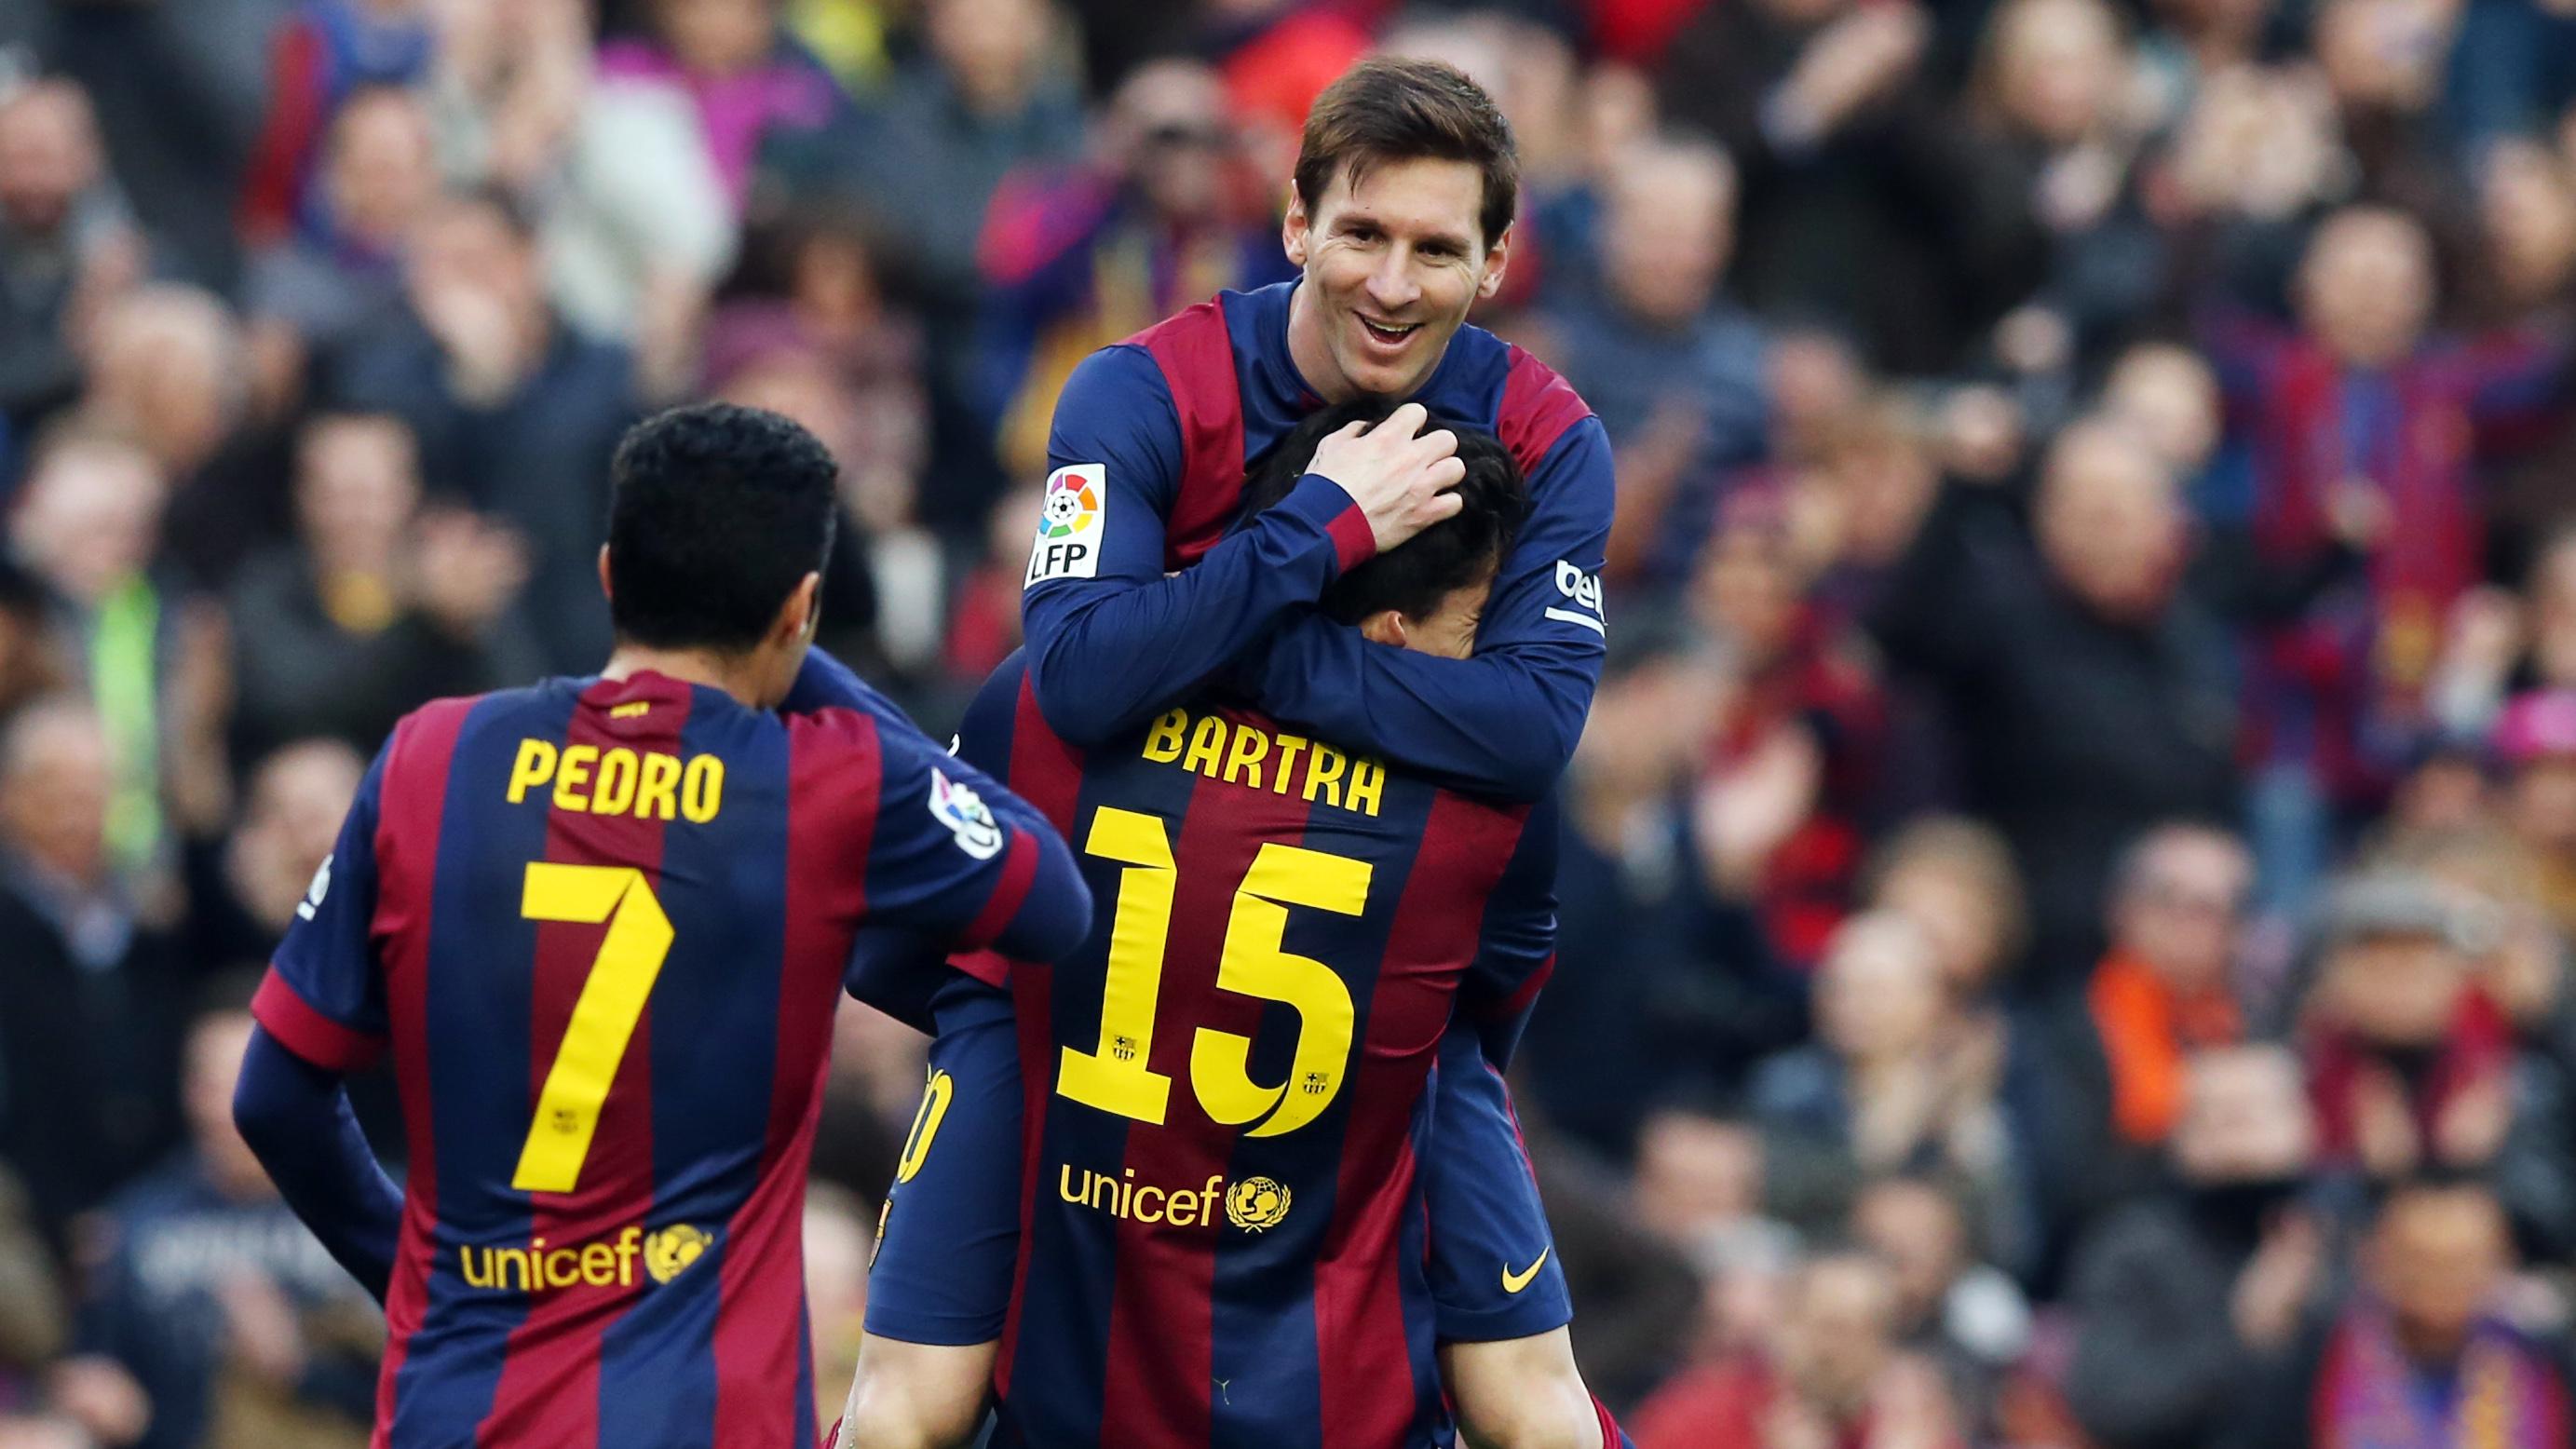 Jogos liga espanhola